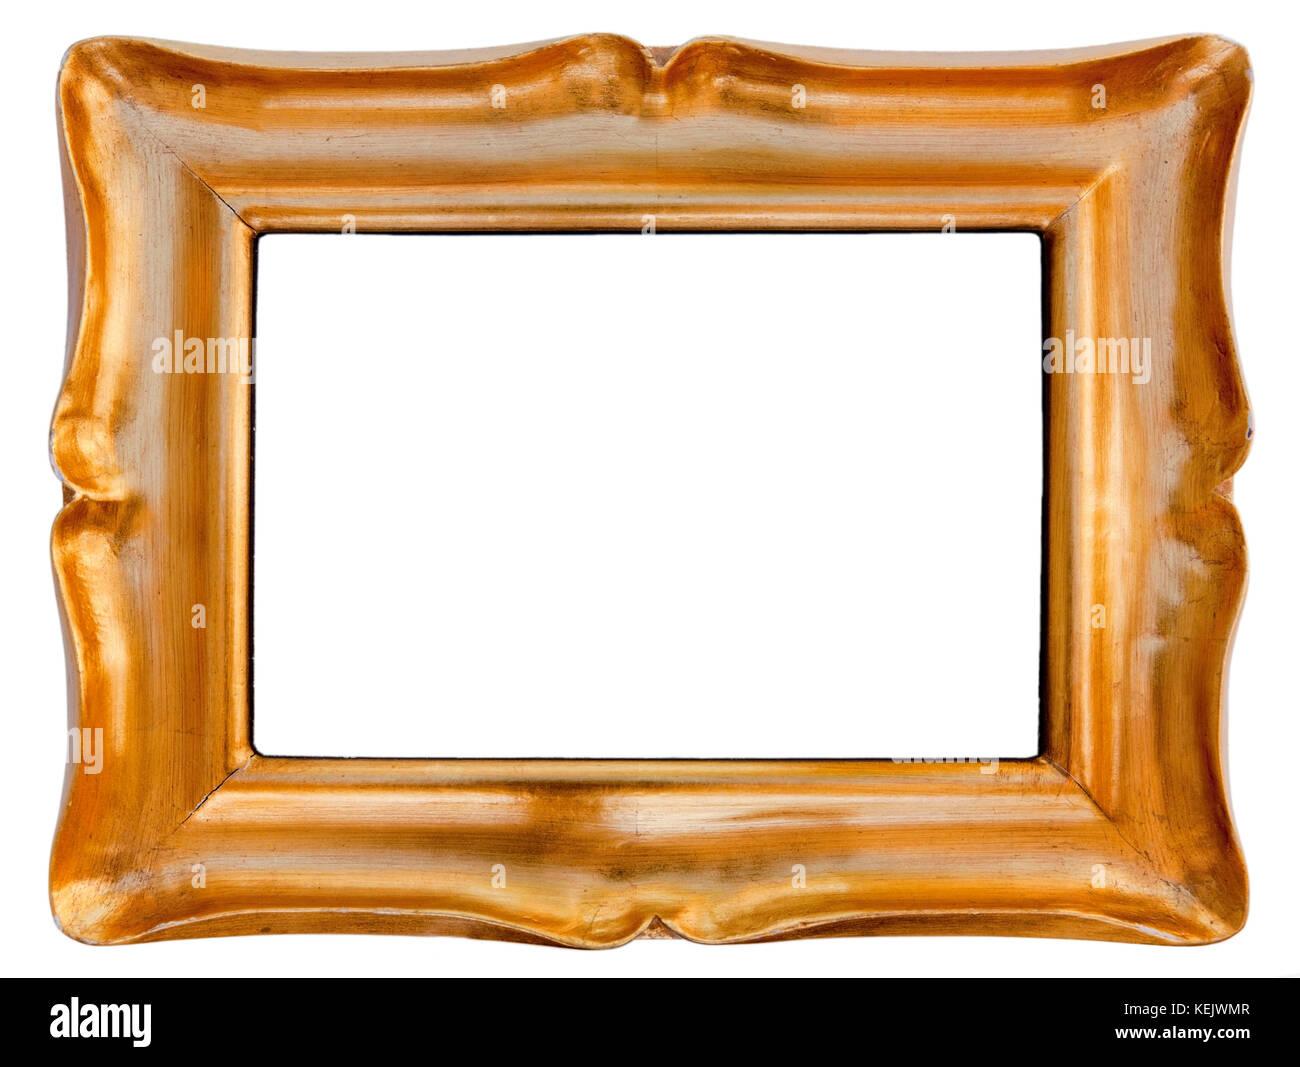 Tolle Holz Gravierten Bilderrahmen Bilder - Rahmen Ideen ...